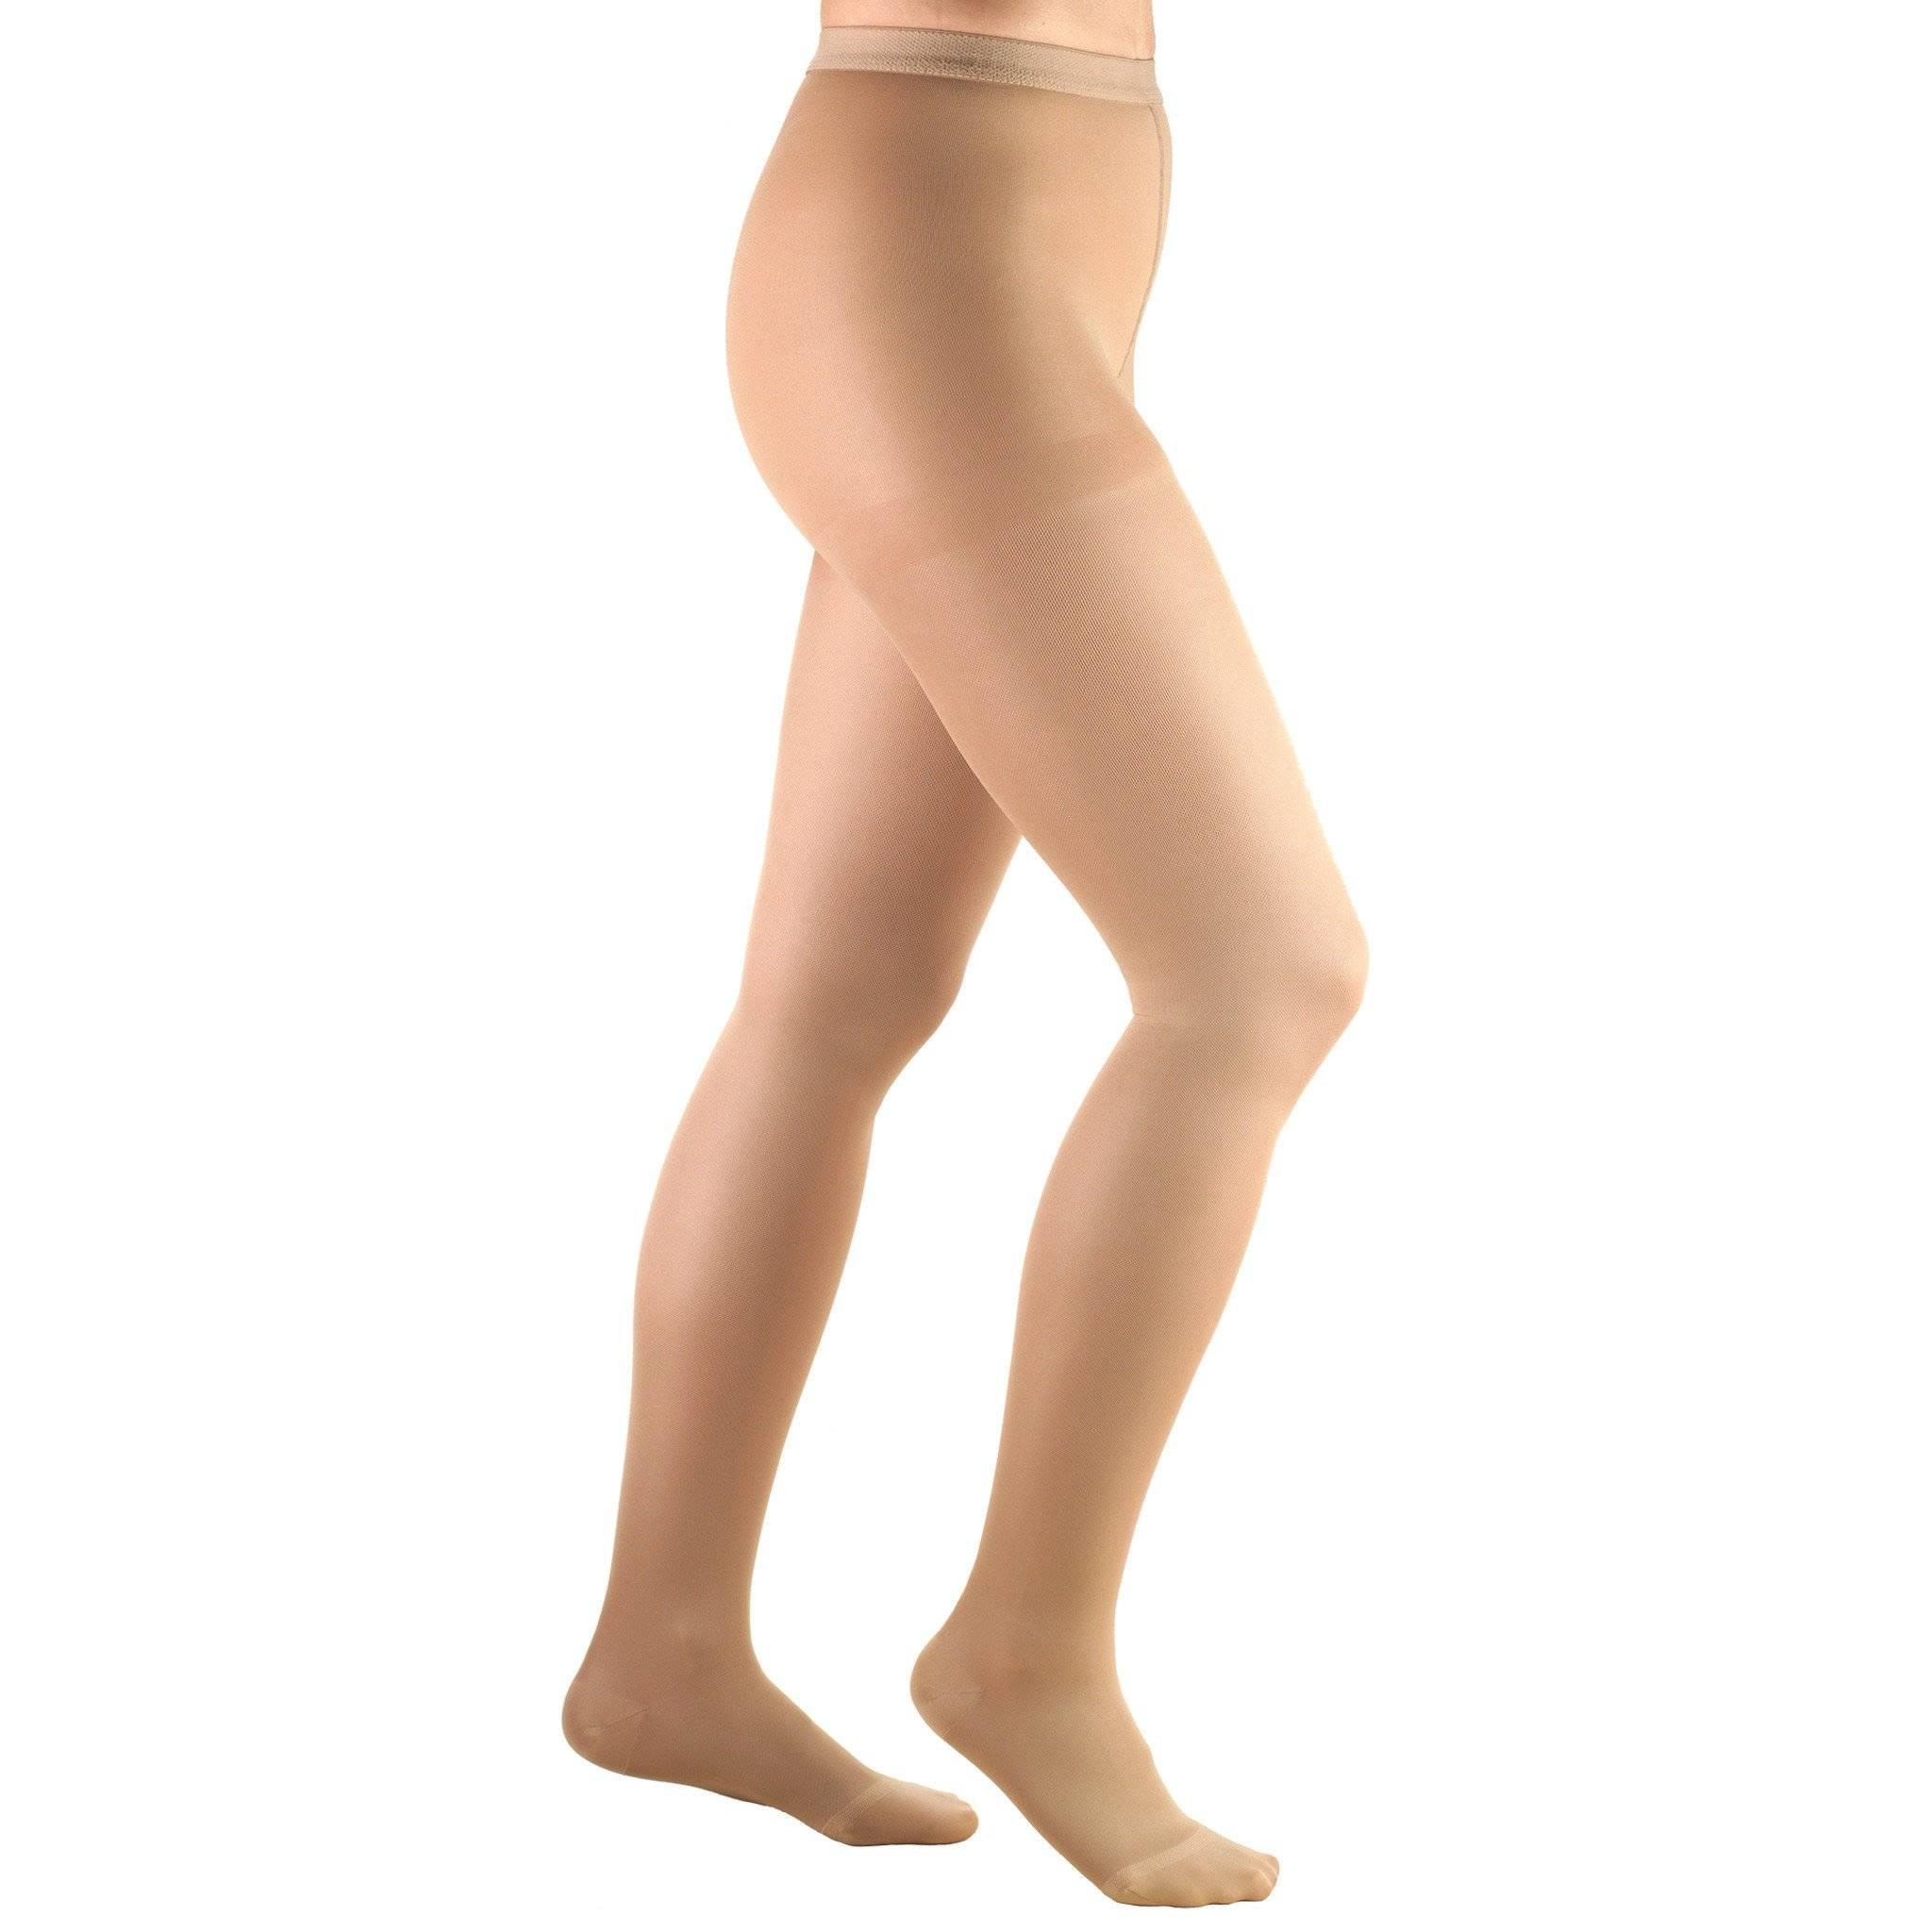 Ladies' Opaque Pantyhose